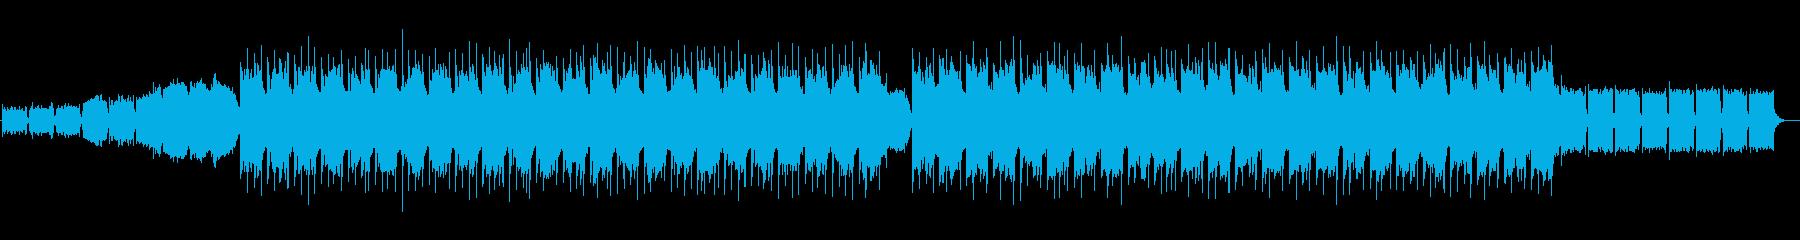 ファイティングテーマ ロングの再生済みの波形